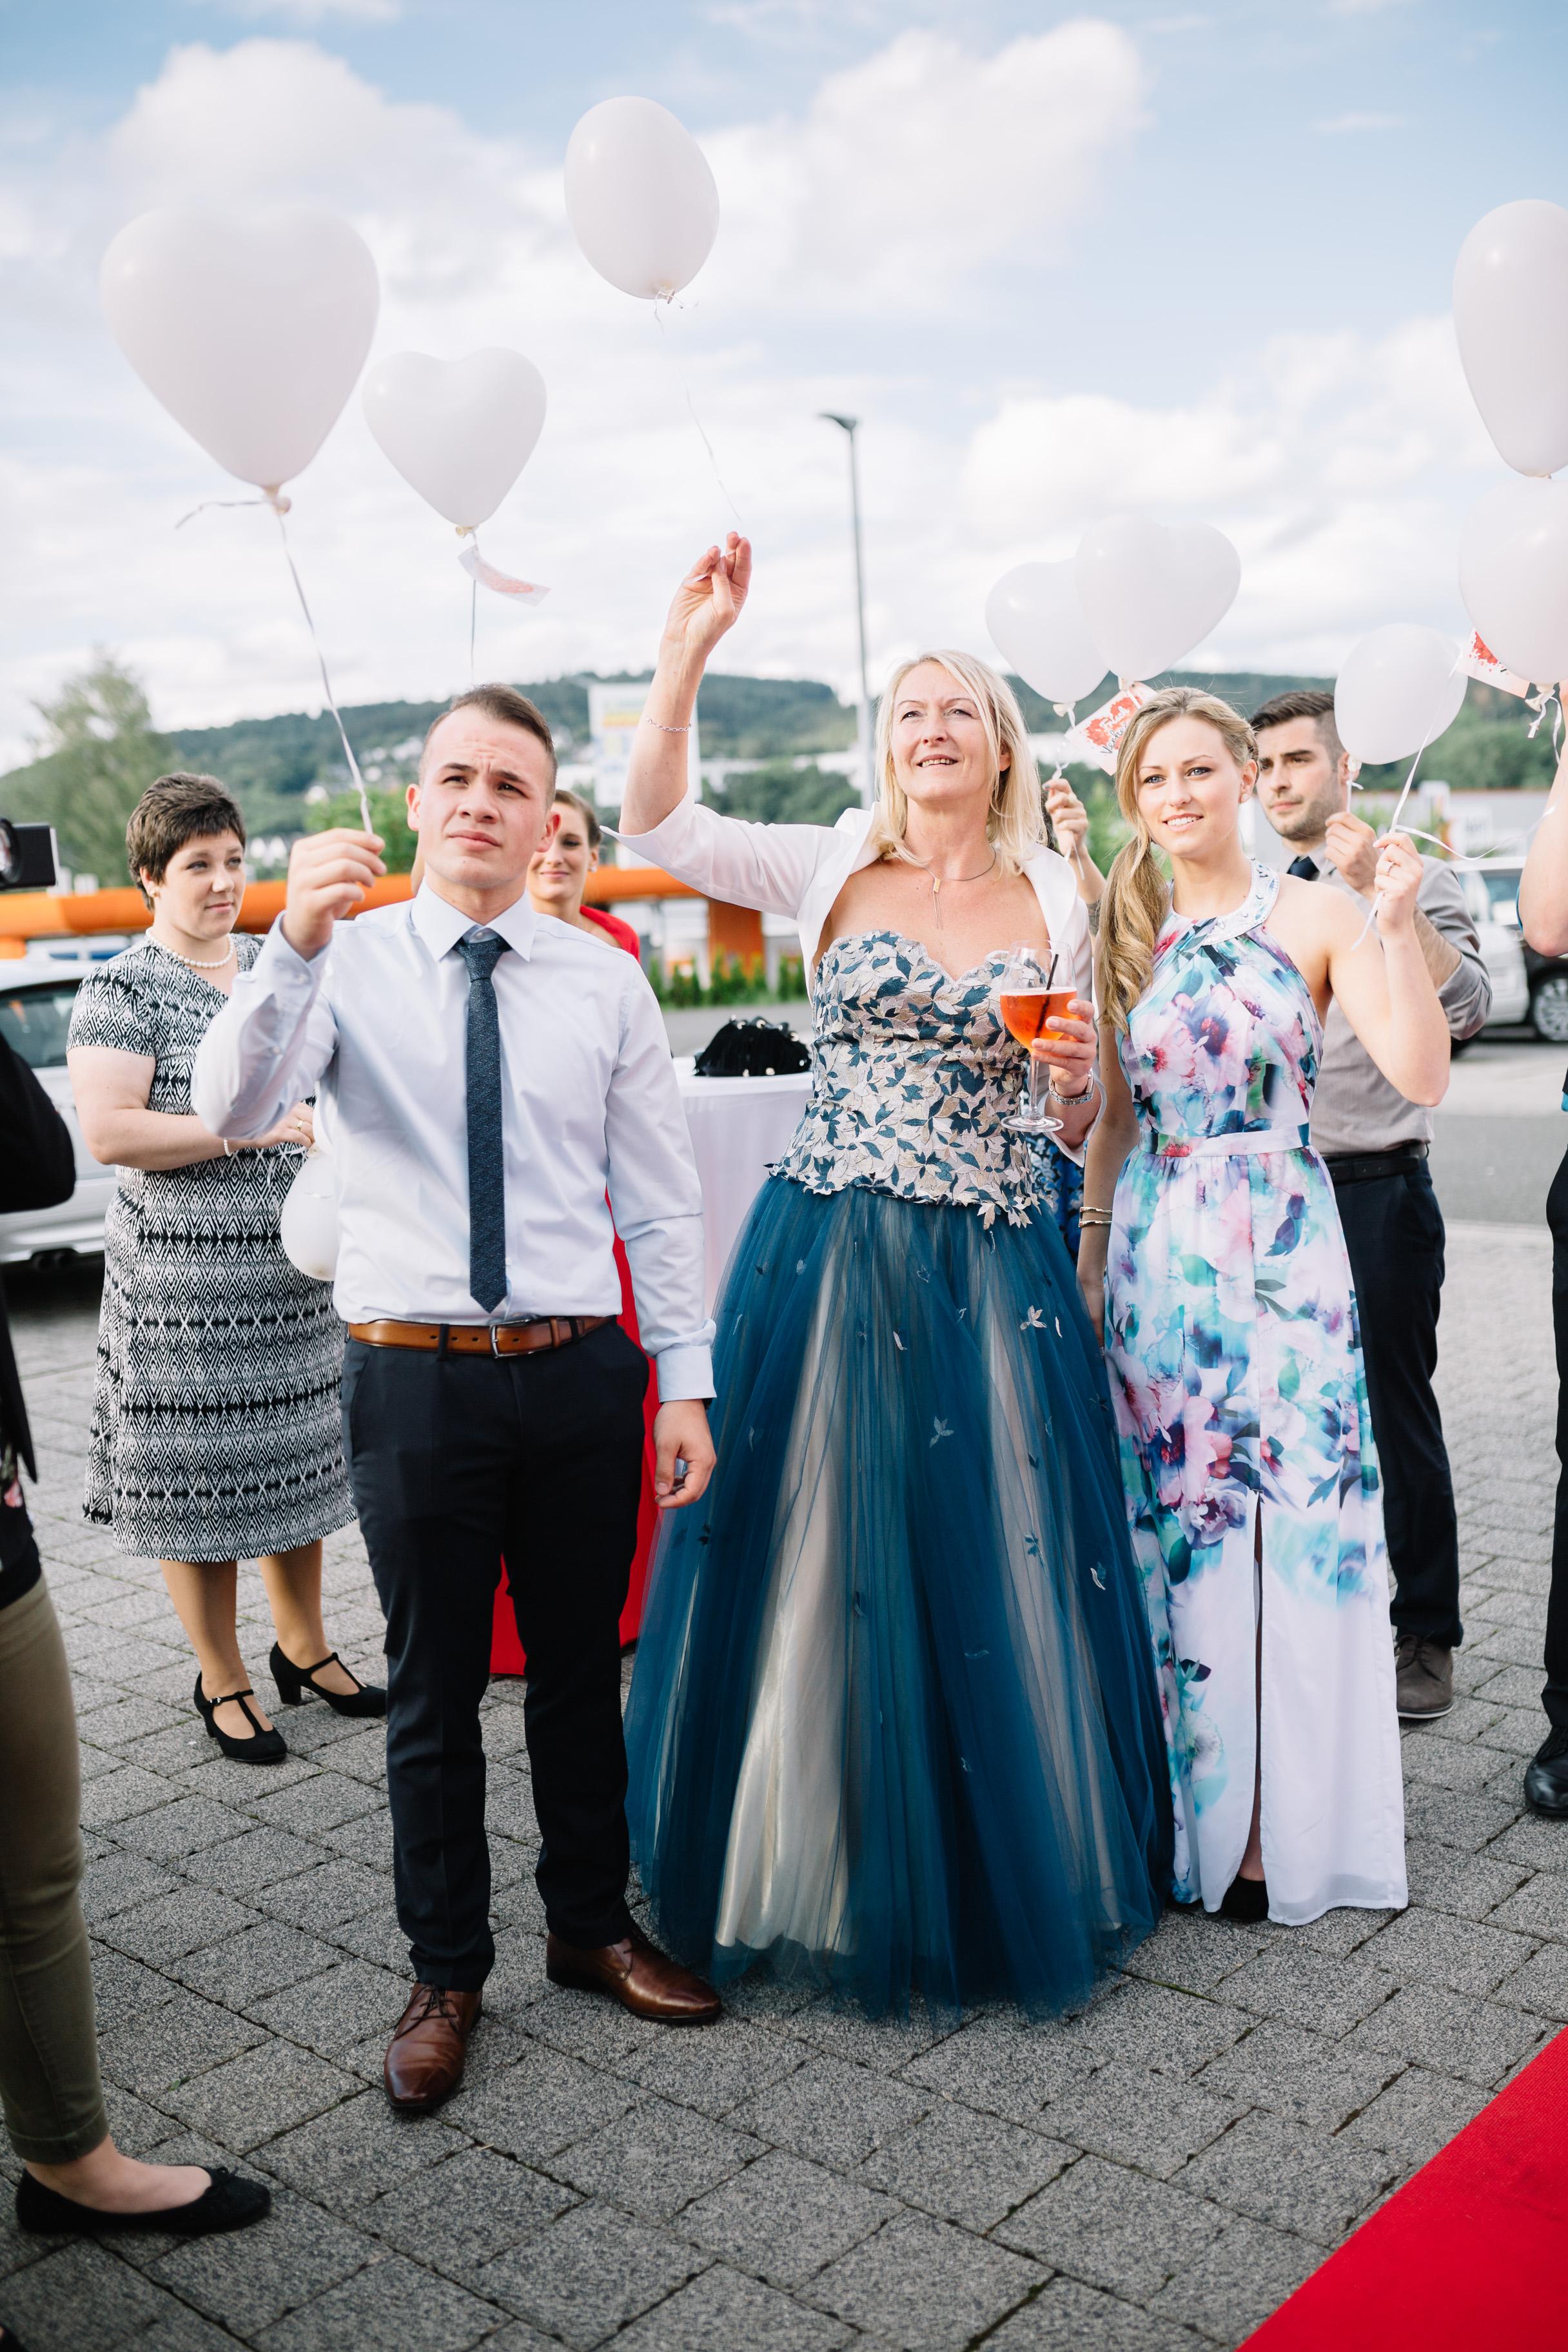 Hochzeit_7.Voressen-Ballons__41.jpg